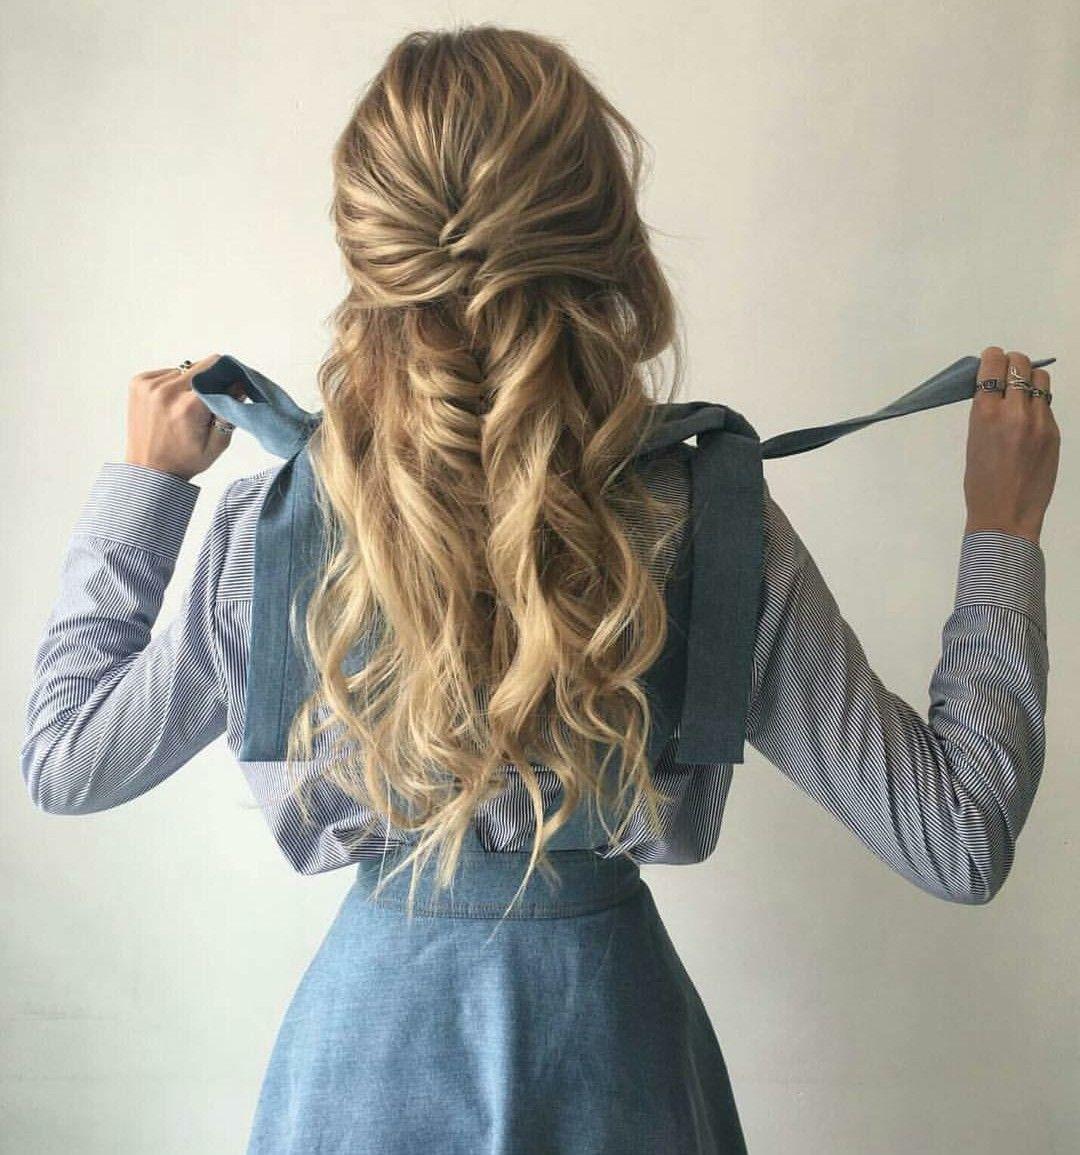 Pinterest topazz hairdo pinterest hair style hair